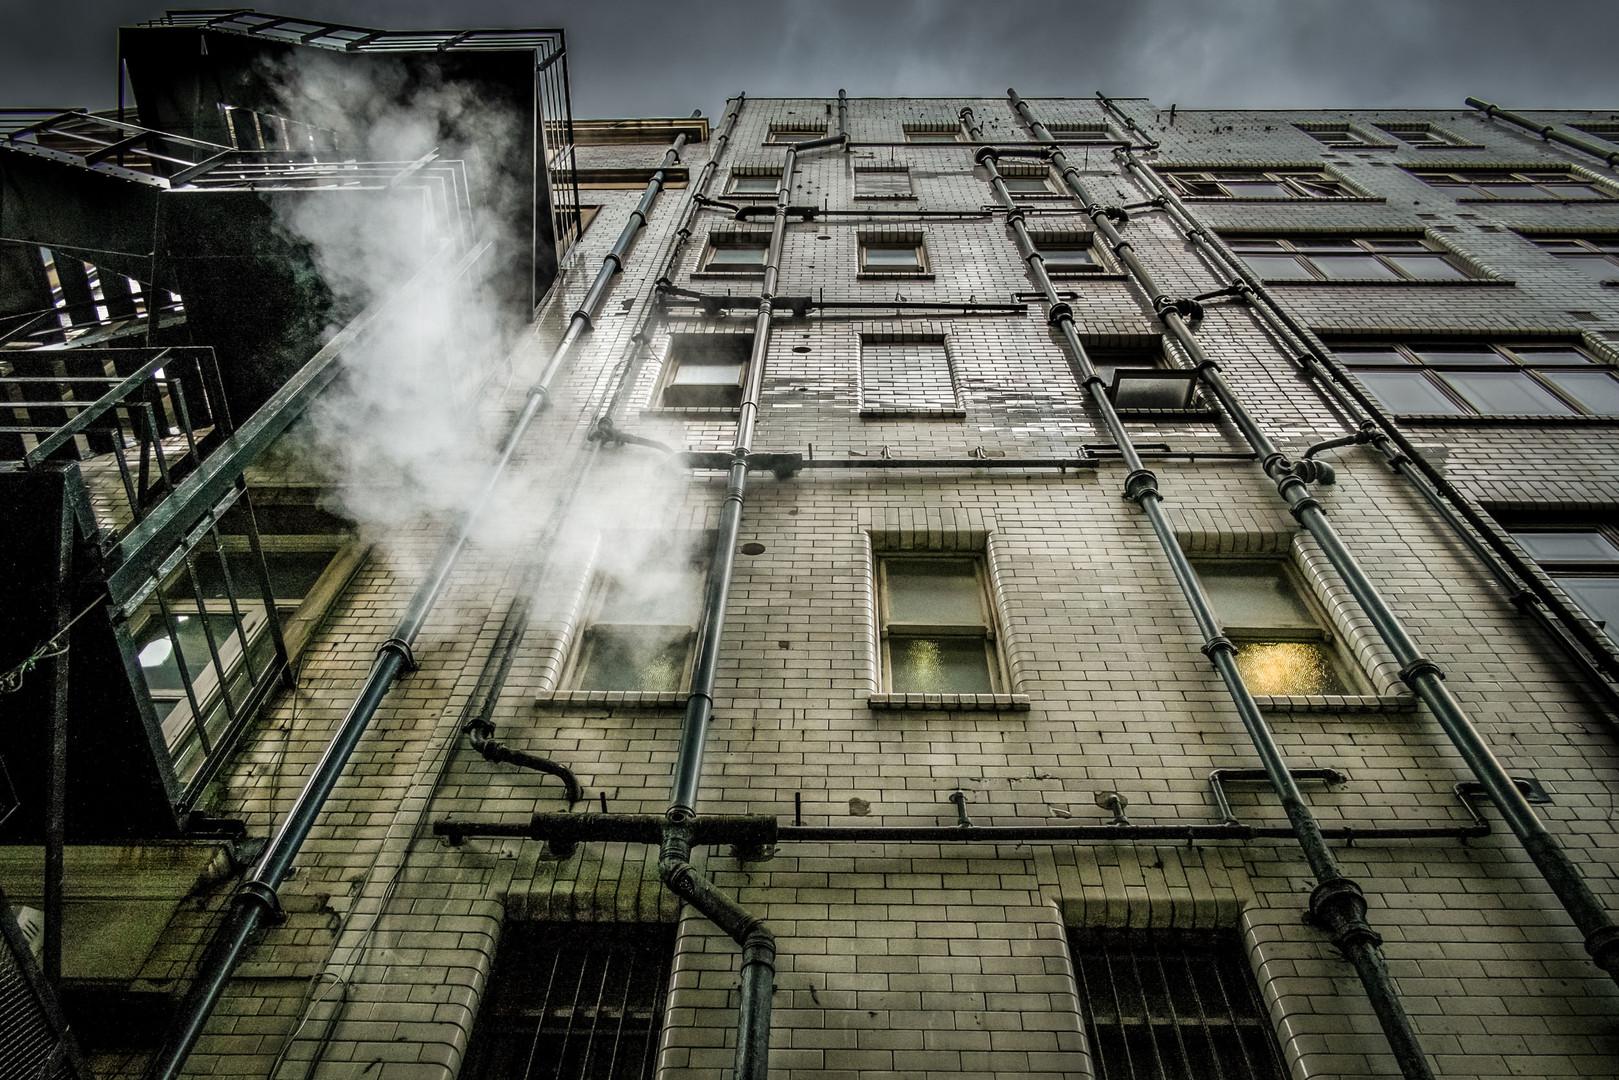 Newcastle fire escape